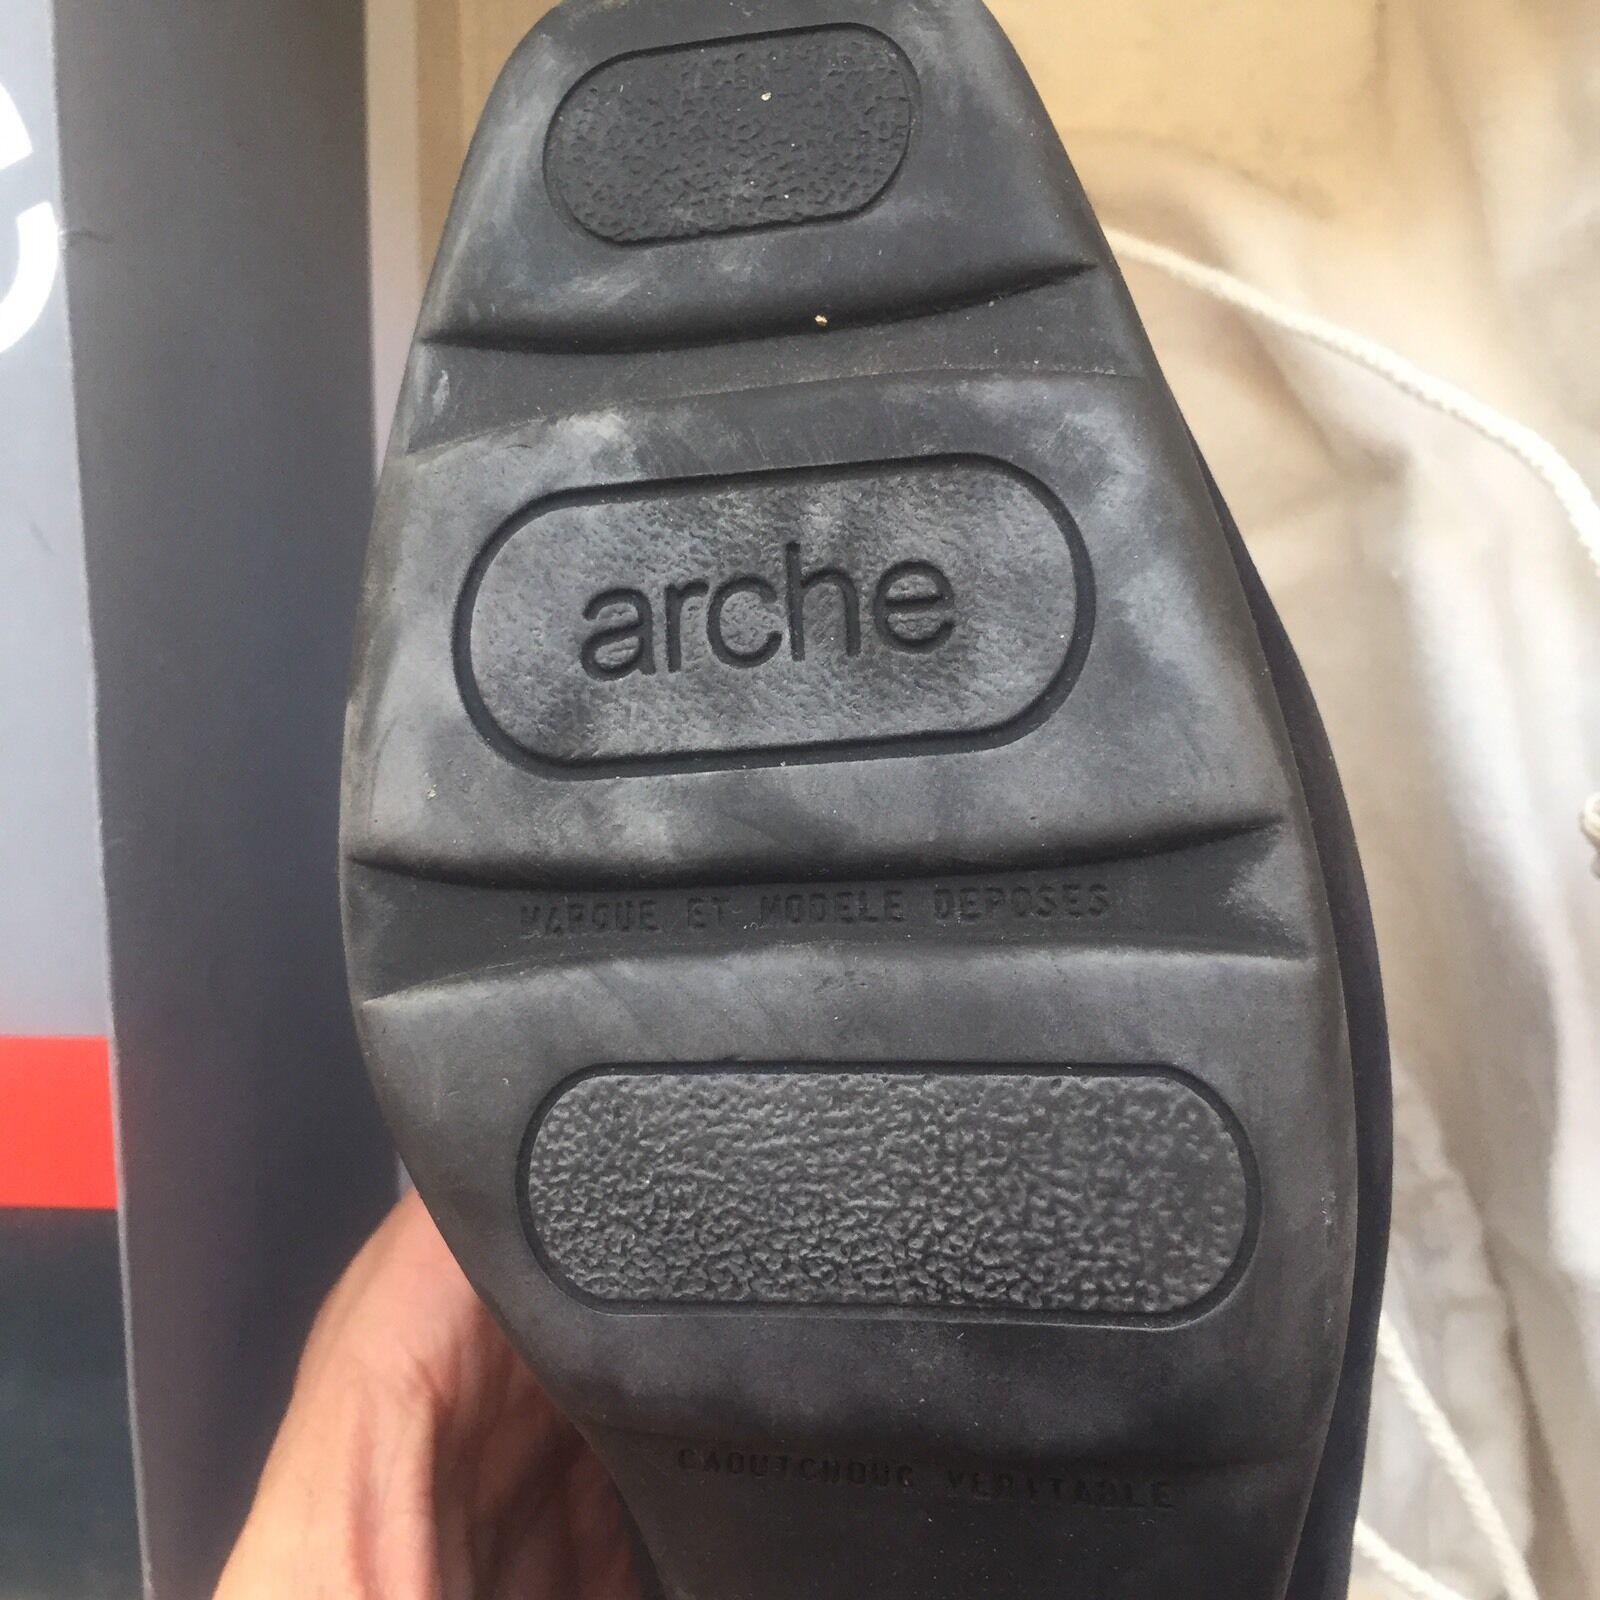 ARCHE BOUTIQUE SIZE 8 GATINE VEAU NUBUCK BLACK Damenschuhe Schuhe HEELS PUMPS